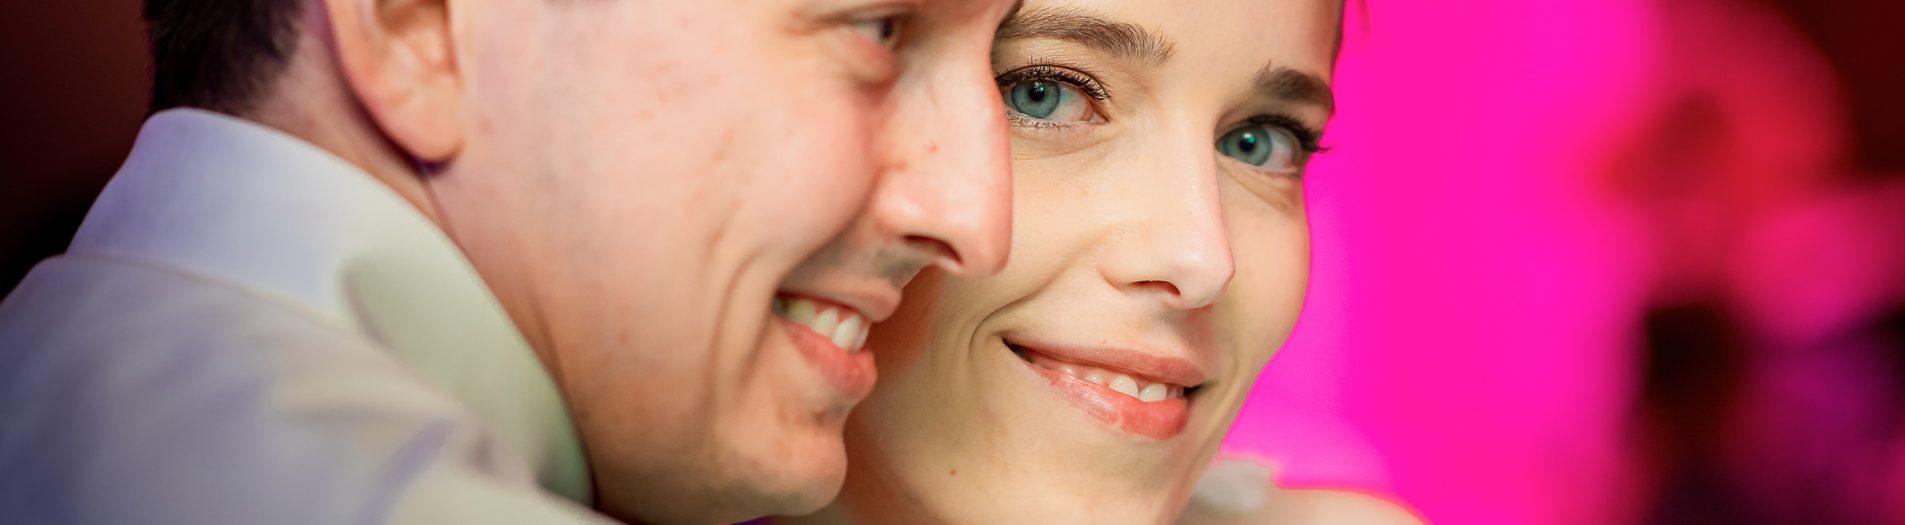 Kristina & Patrick